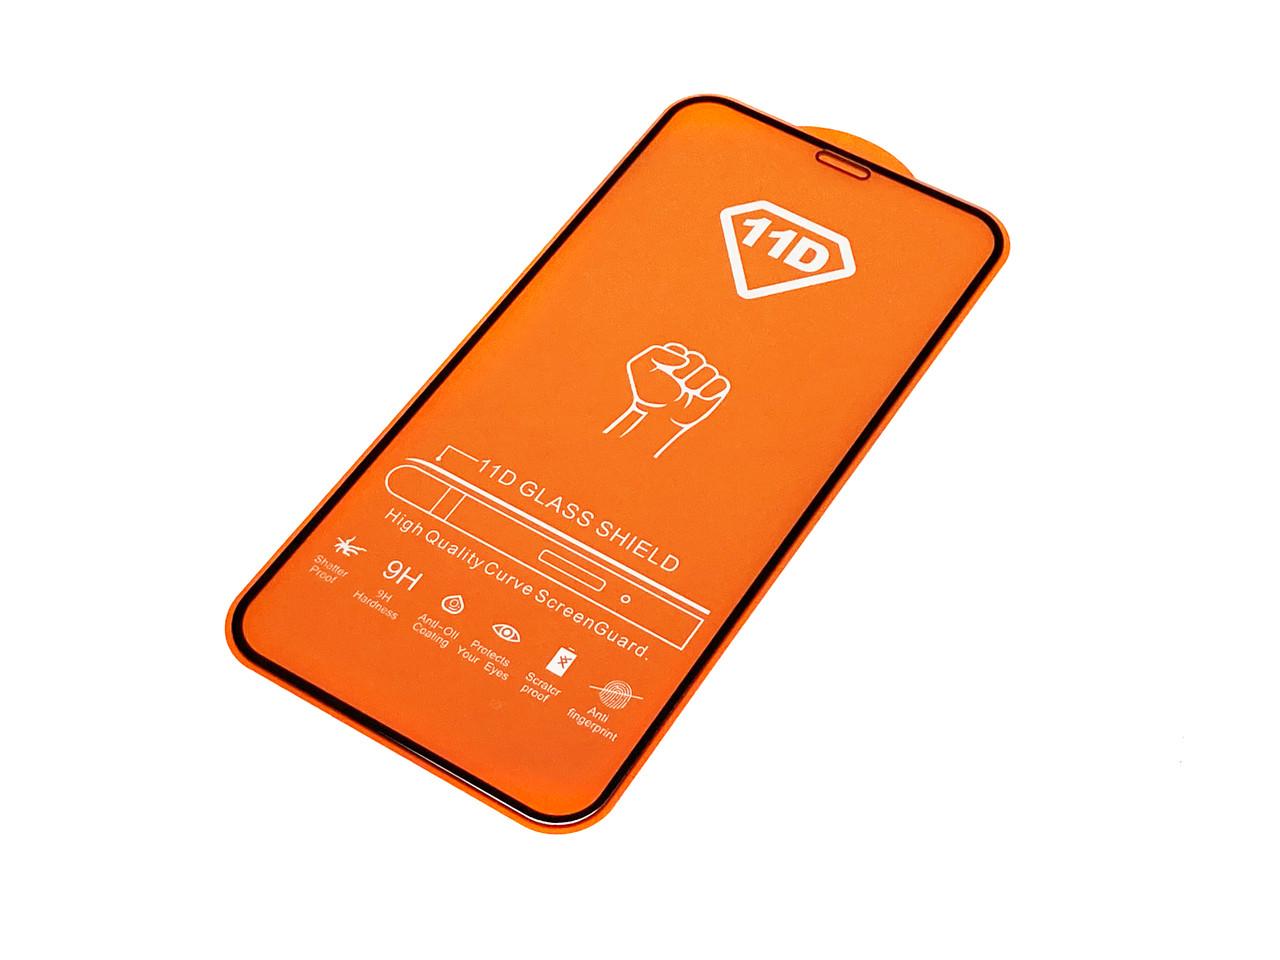 Защитное стекло 11D для iPhone 7 Plus 5.5 дюйма, закругленное